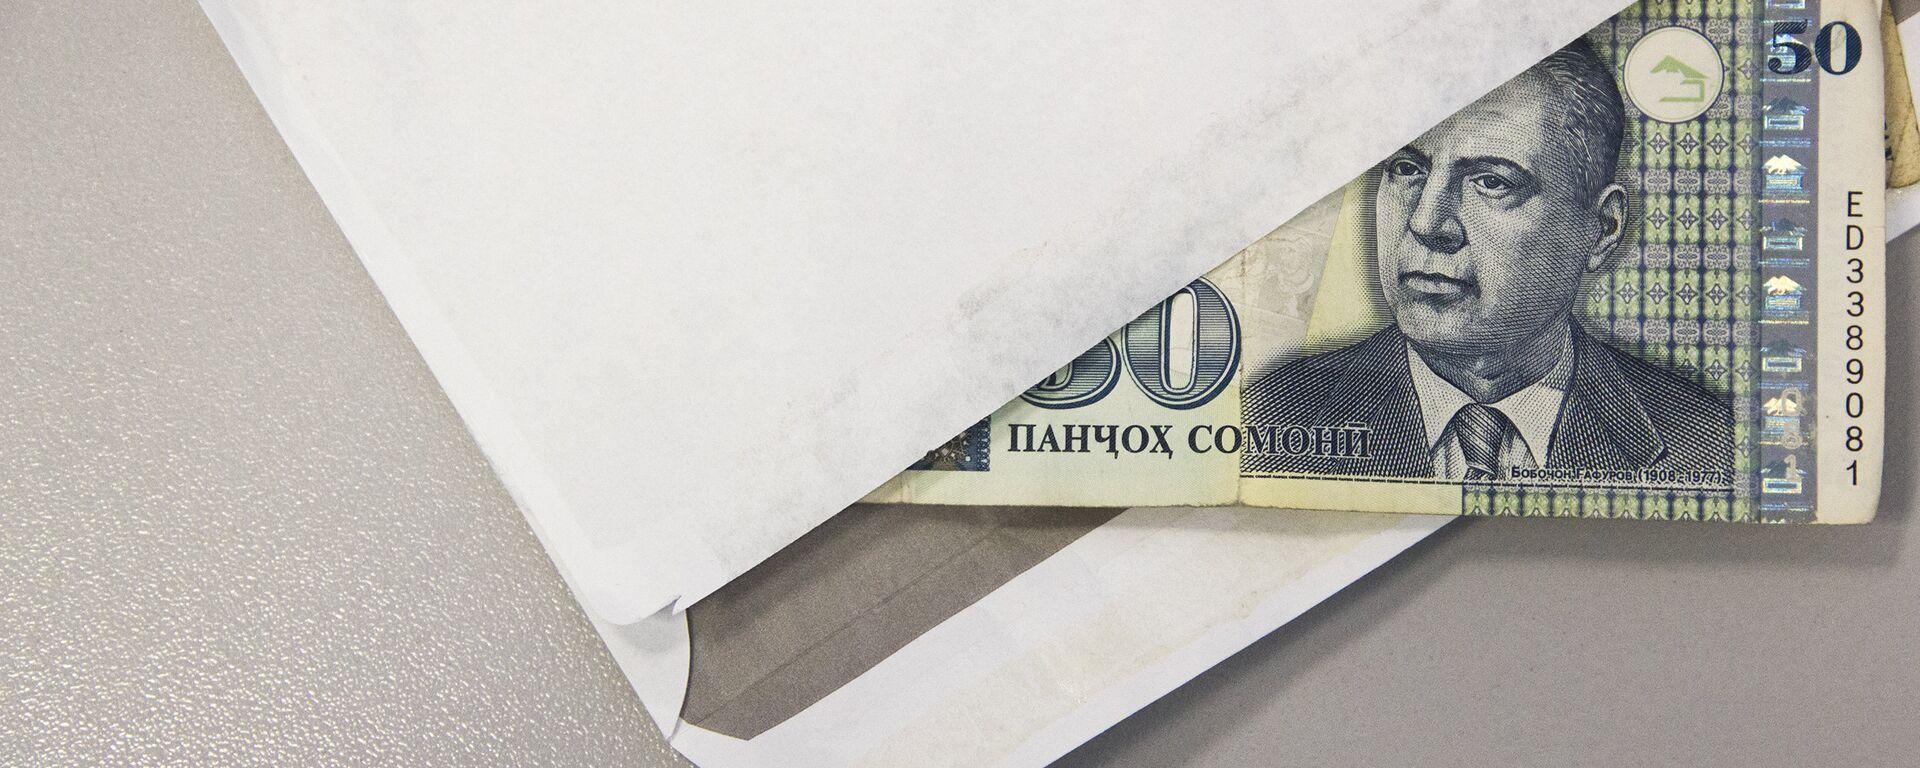 Конверт с деньгами, архивное фото - Sputnik Тоҷикистон, 1920, 04.01.2021